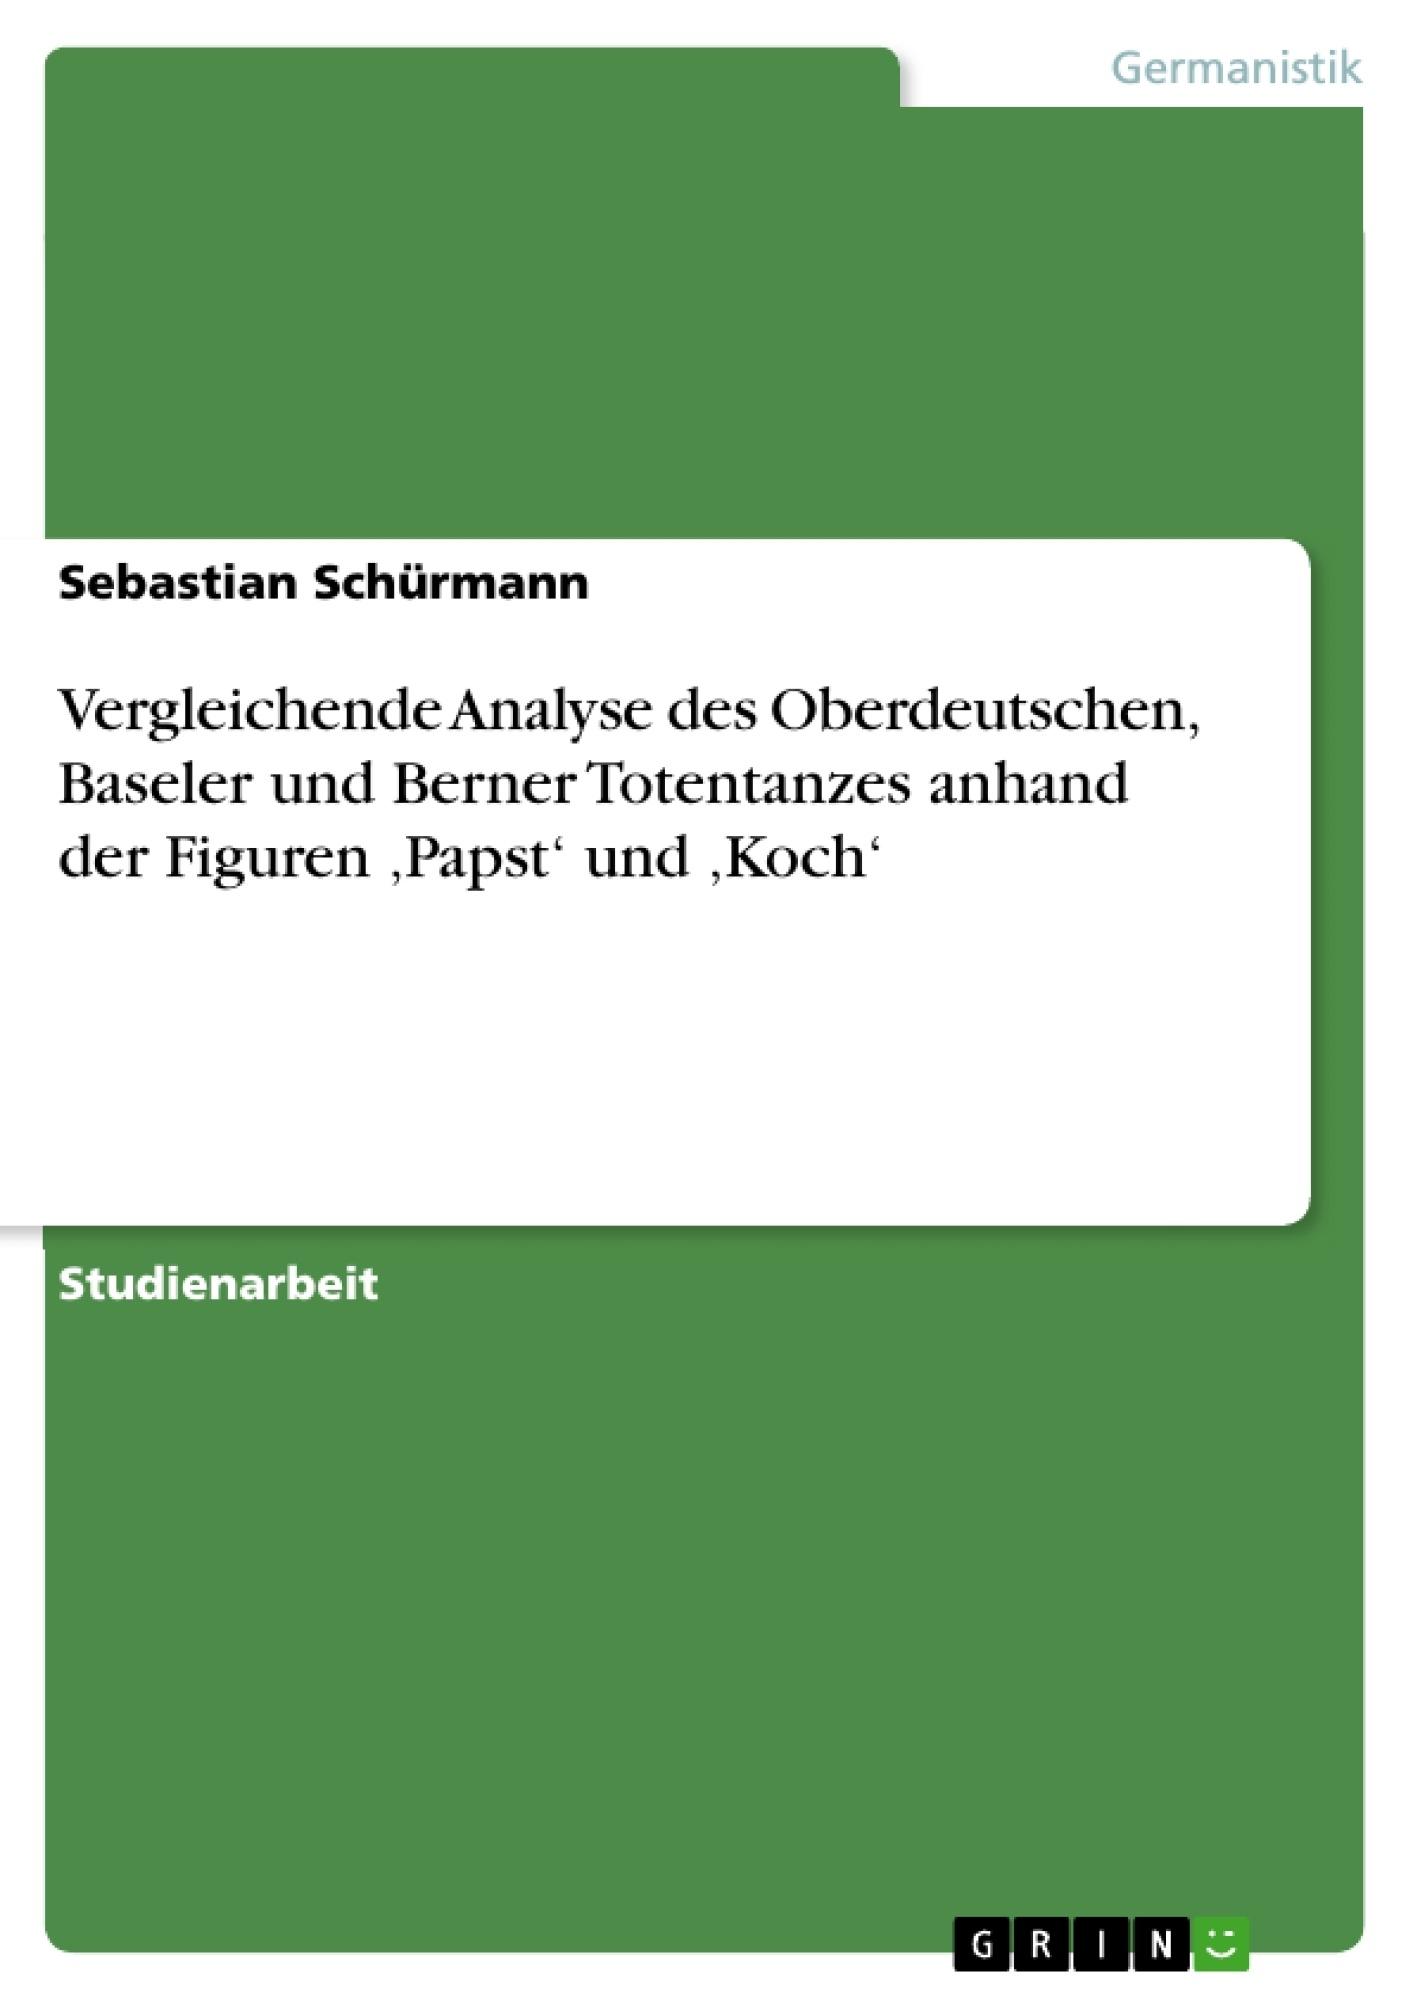 Titel: Vergleichende Analyse des Oberdeutschen, Baseler und Berner Totentanzes anhand der Figuren 'Papst' und 'Koch'